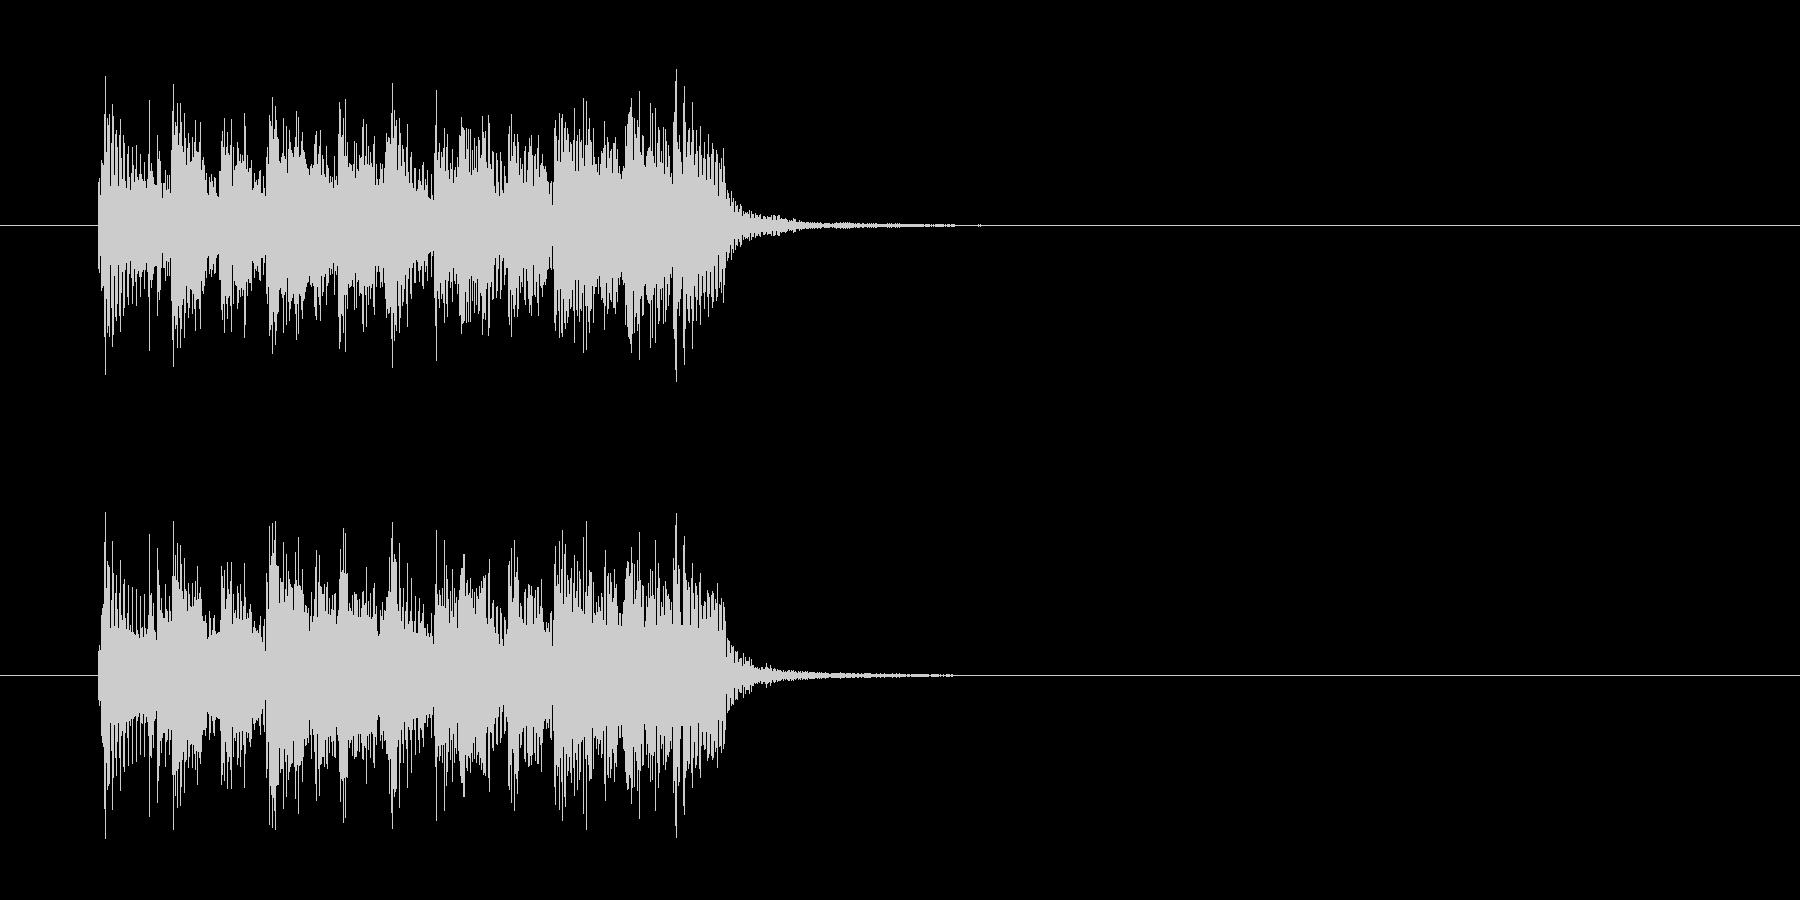 ジングル(ポップ調)の未再生の波形